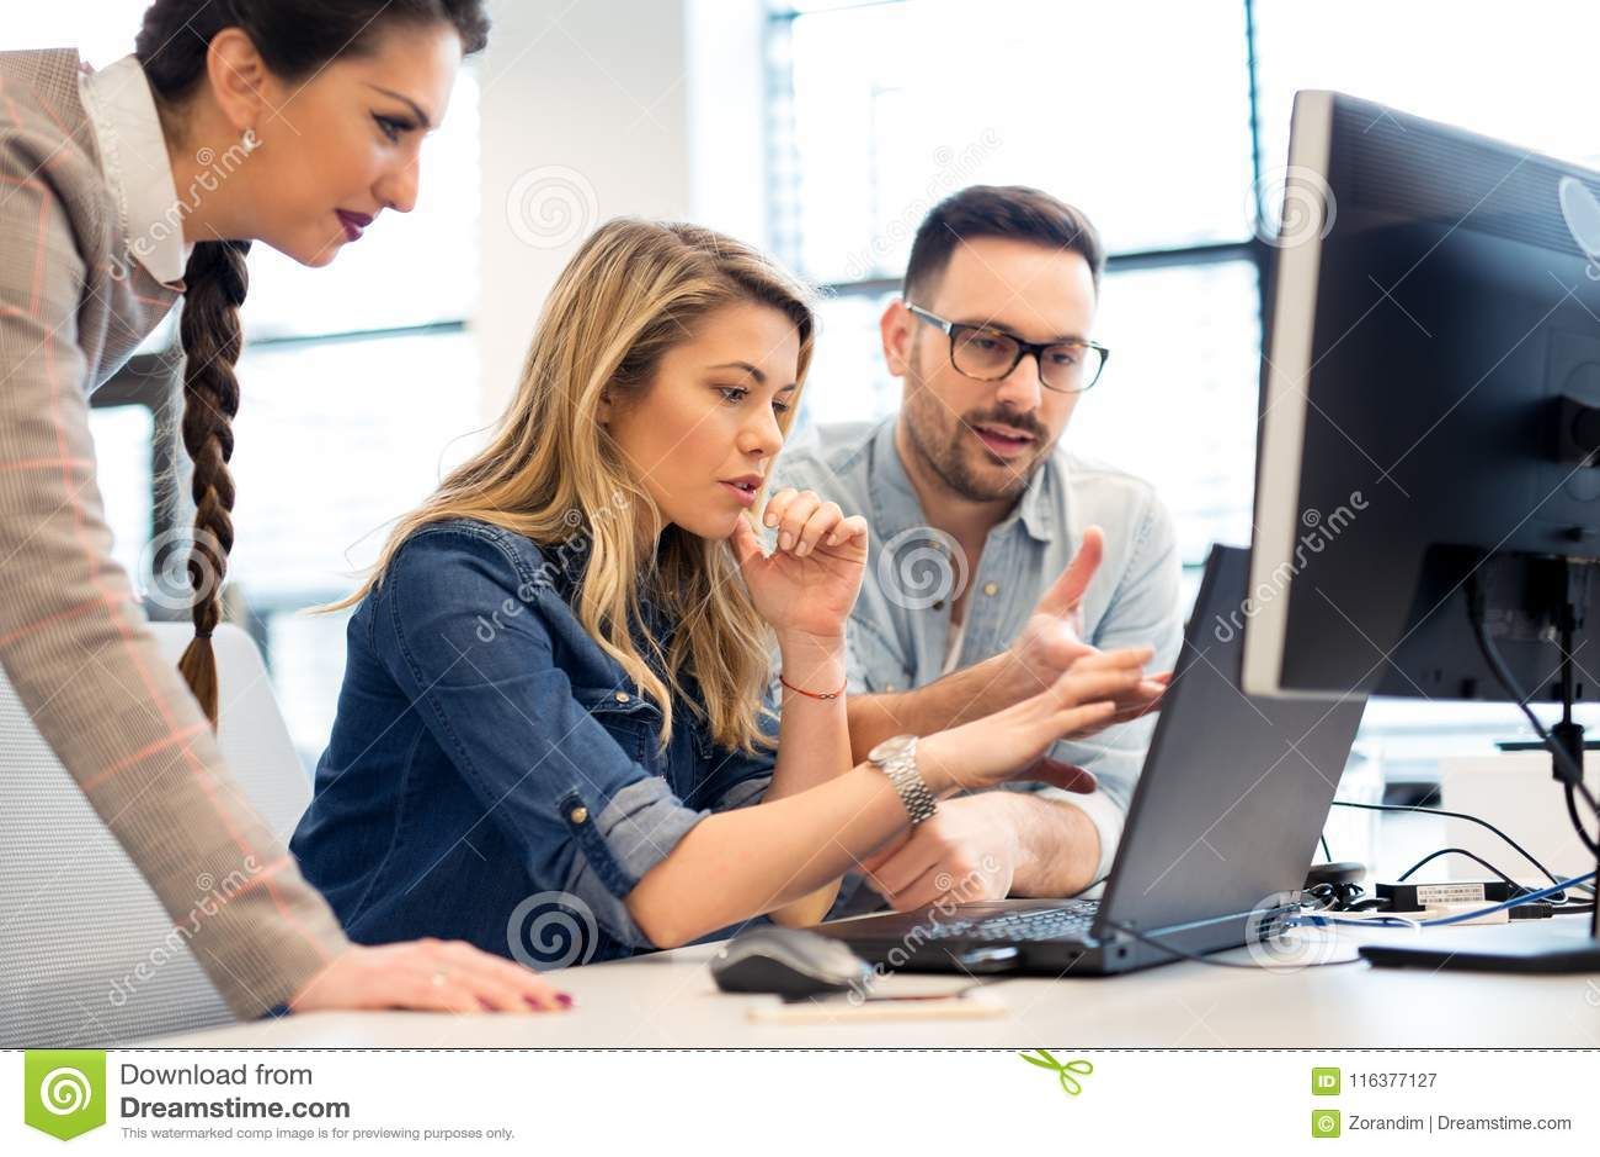 Ομάδα εργασίας επιχειρηματιών και προγραμματιστών λογισμικού ομαδικά στην αρχή